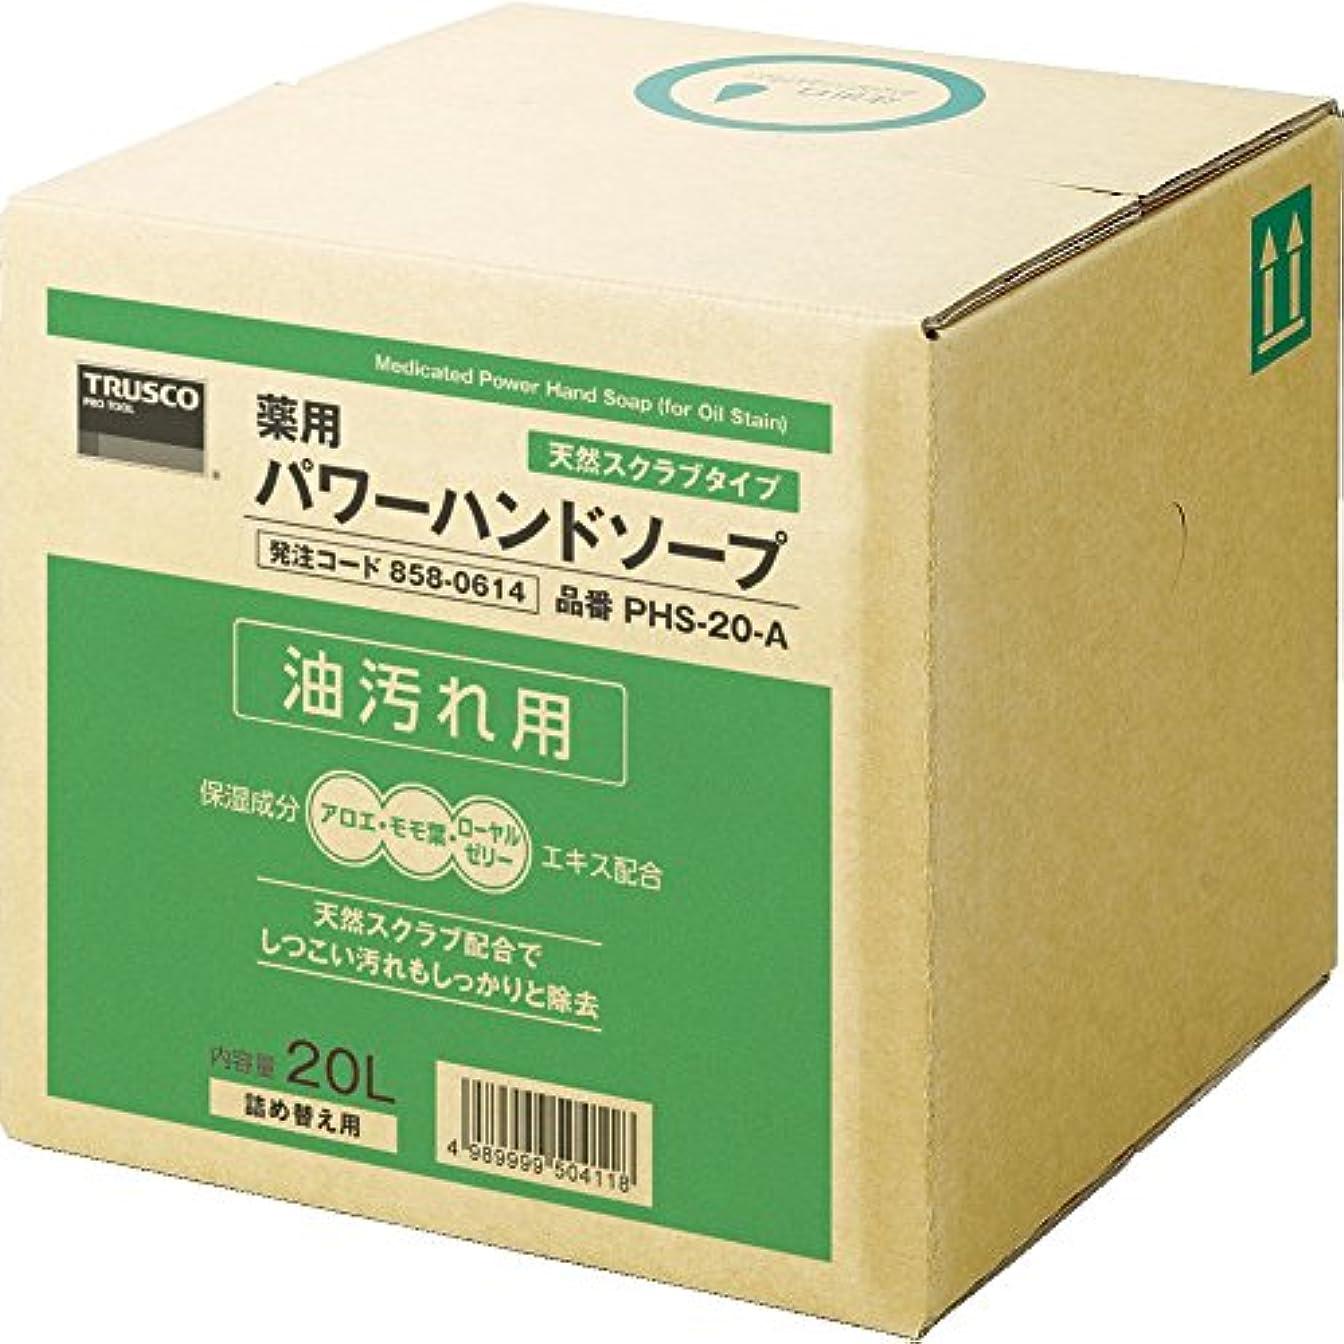 国旗デッキ嵐TRUSCO(トラスコ) 薬用パワーハンドソープ 20L PHS-20-A